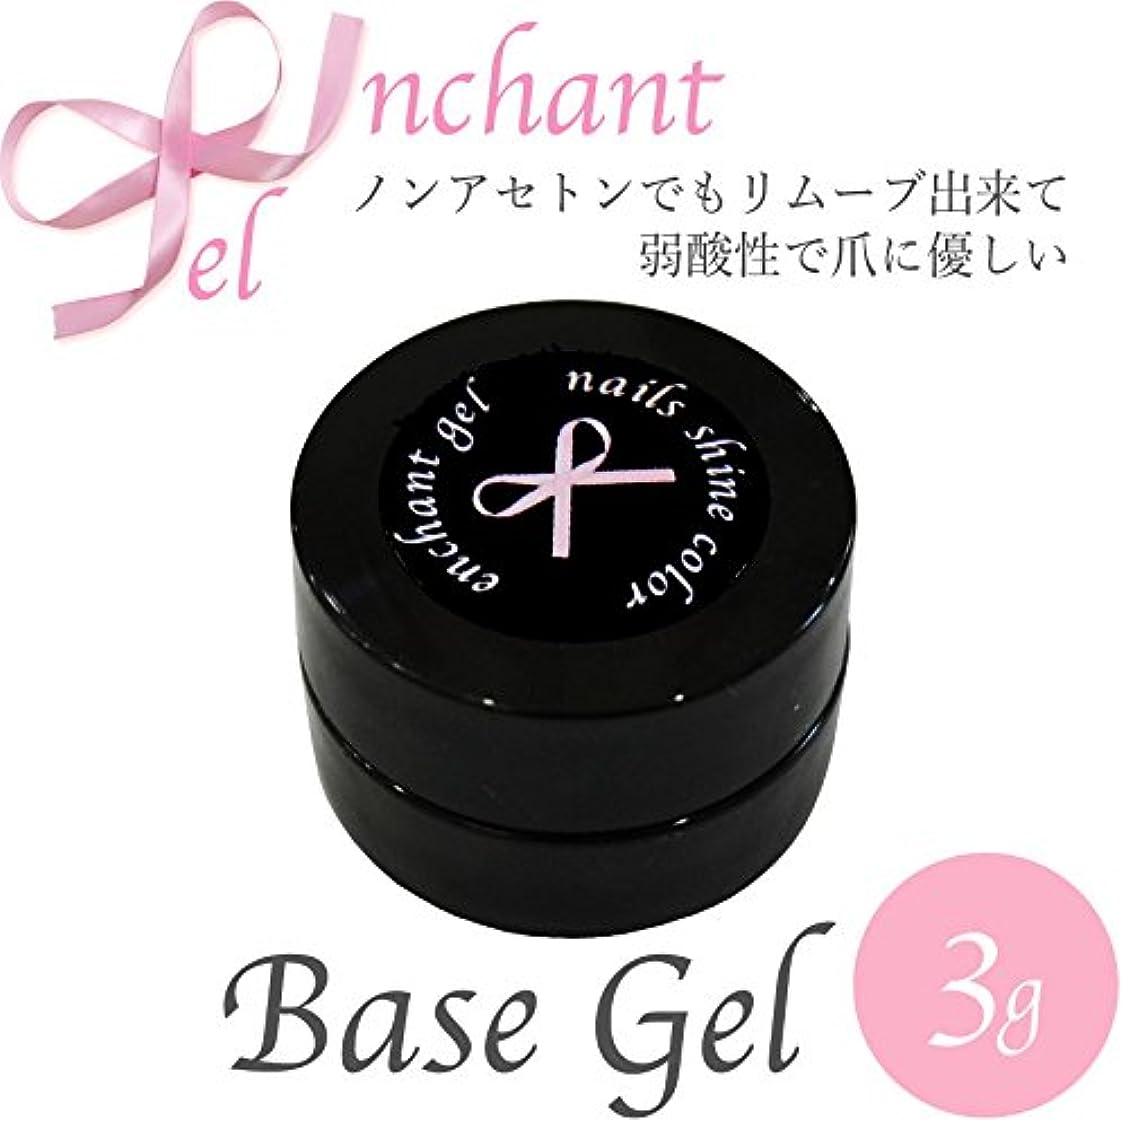 アジア価格コースenchant gel clear base gel 3g/エンチャントジェル クリアーベースジェル 3グラム